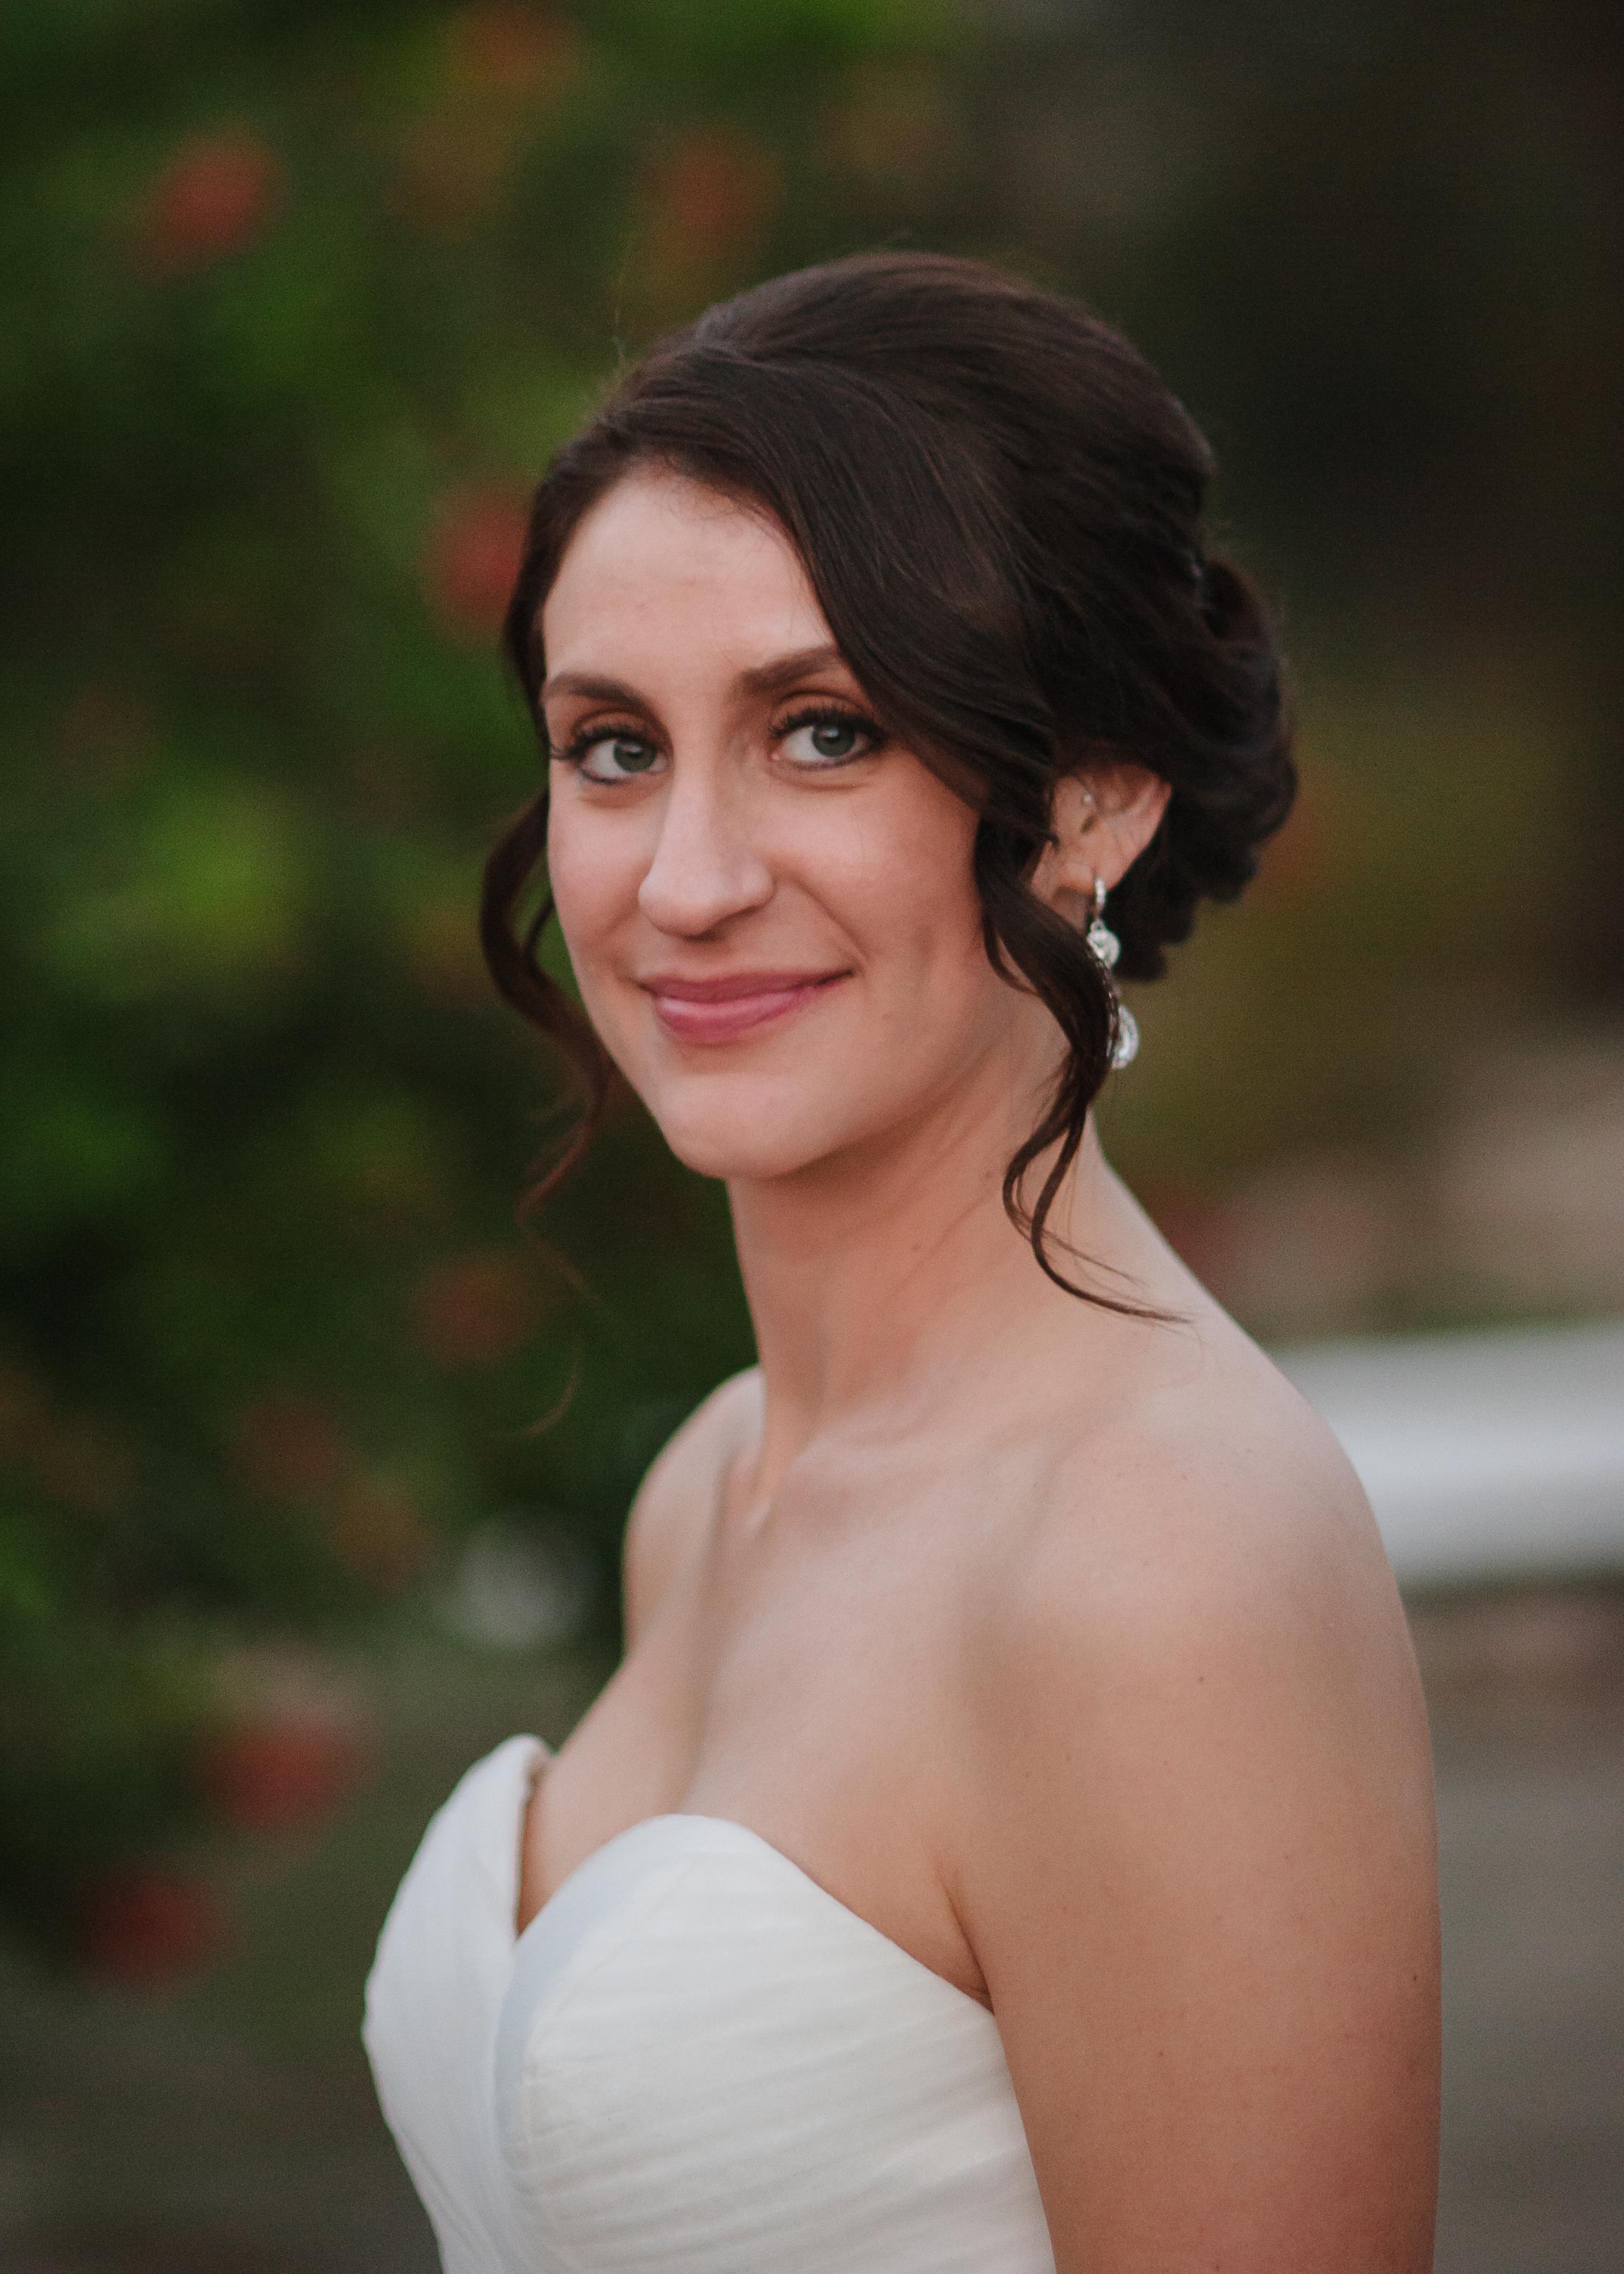 Jessie wedding 1.JPG